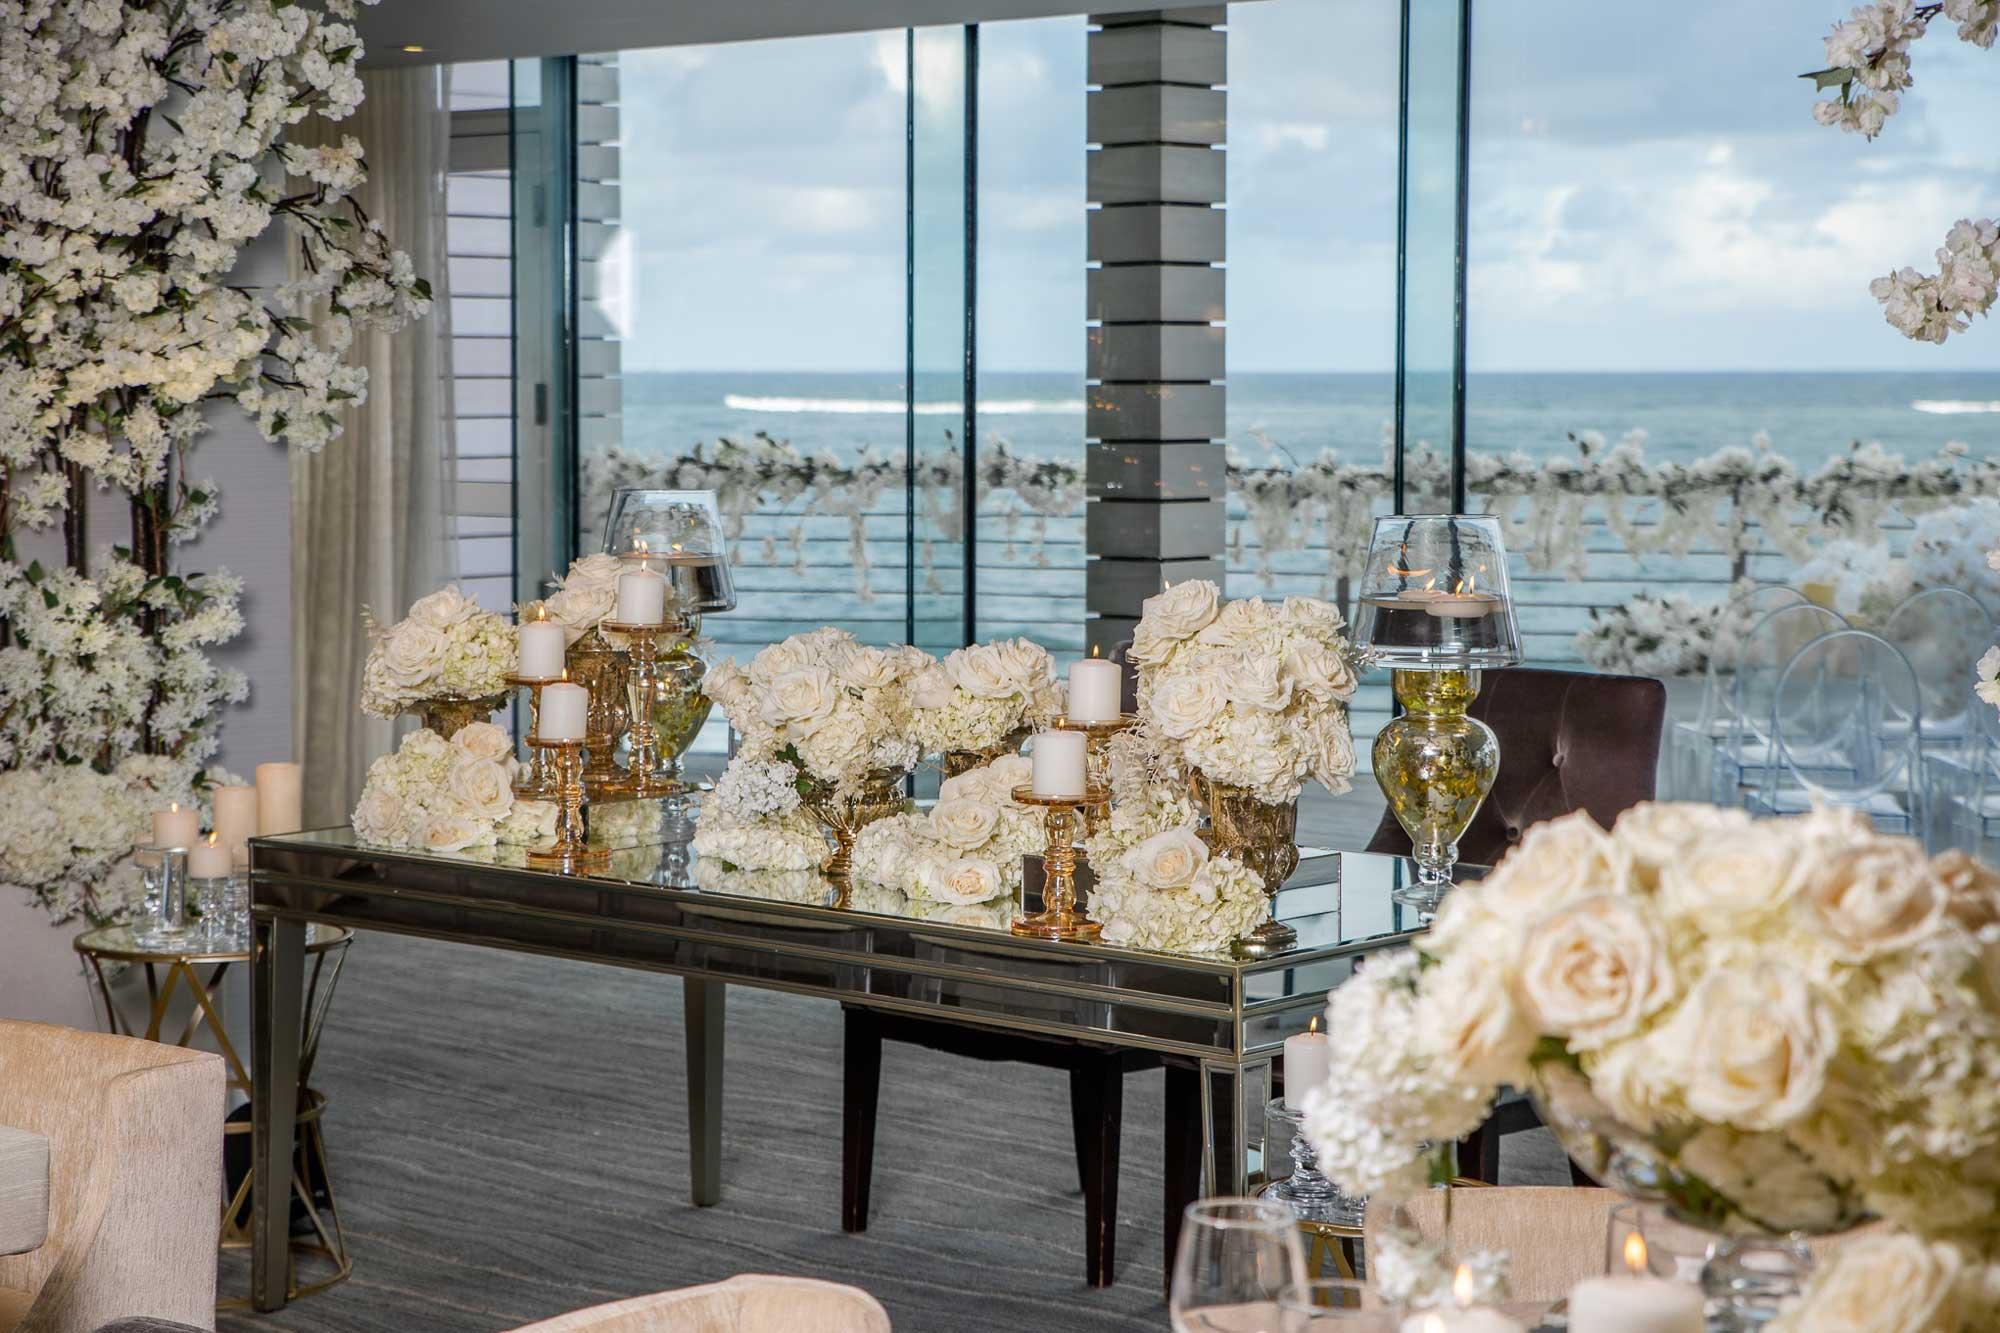 A indoor wedding venue with ocean views at Condado Ocean Club